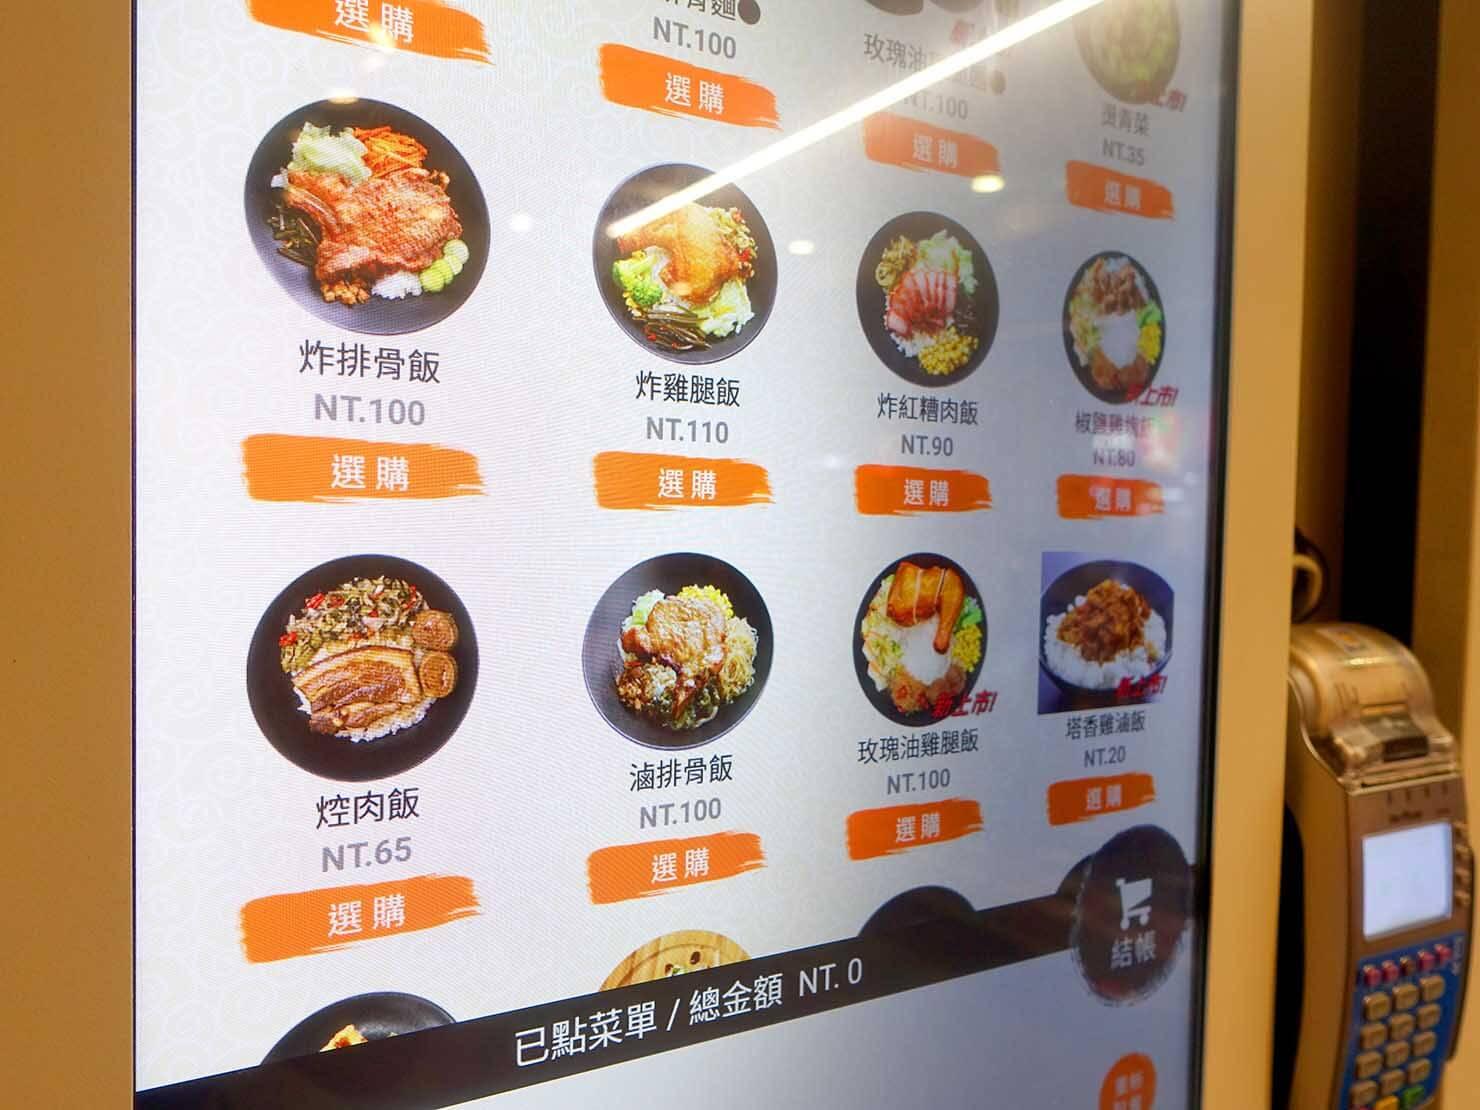 台湾のグルメチェーン店「梁社漢排骨」のメニュー